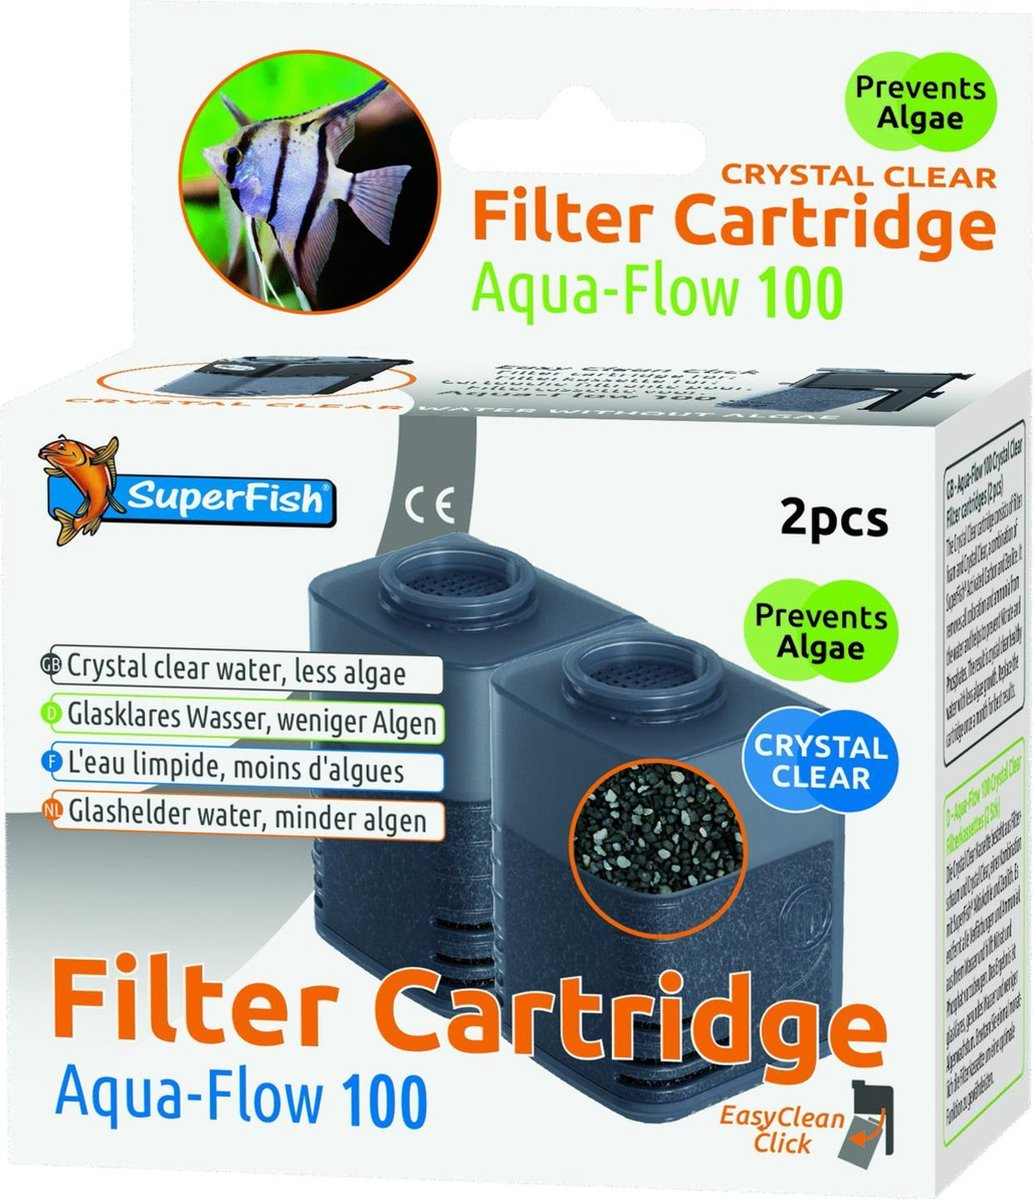 SuperFish Filtercartridge Aqua-Flow 100 met zeoliet voor 4 maanden